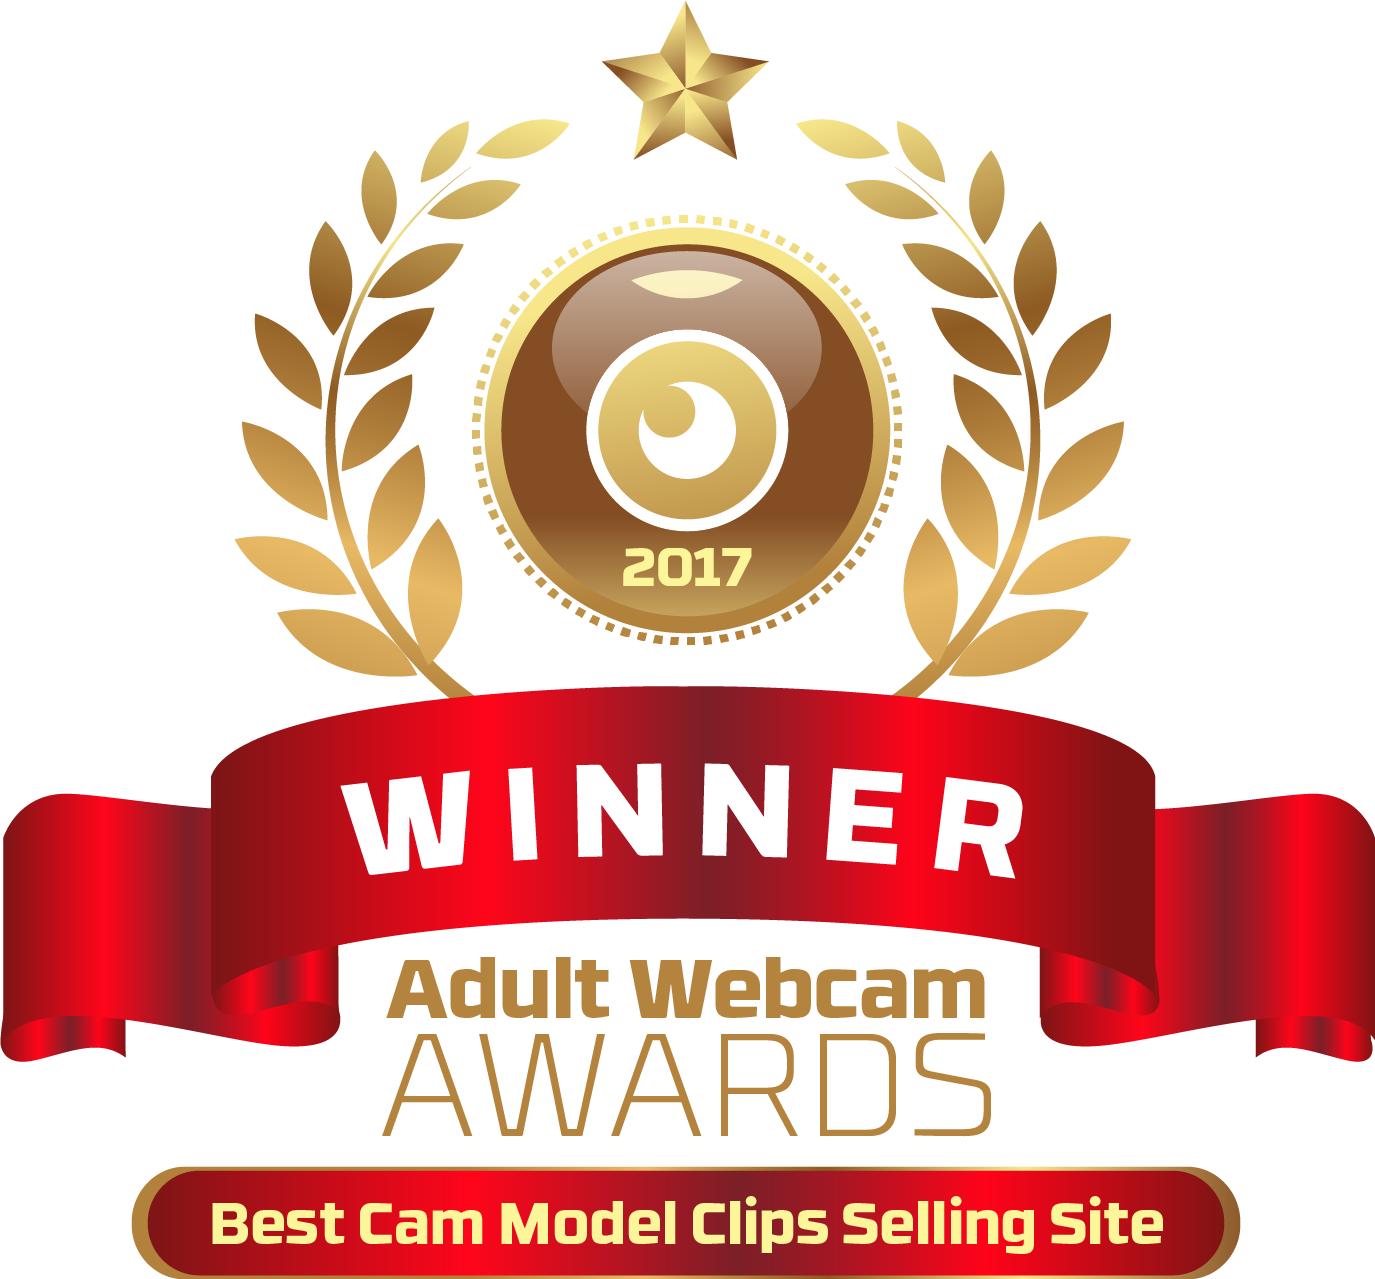 Best Cam Models Clips Site Winner